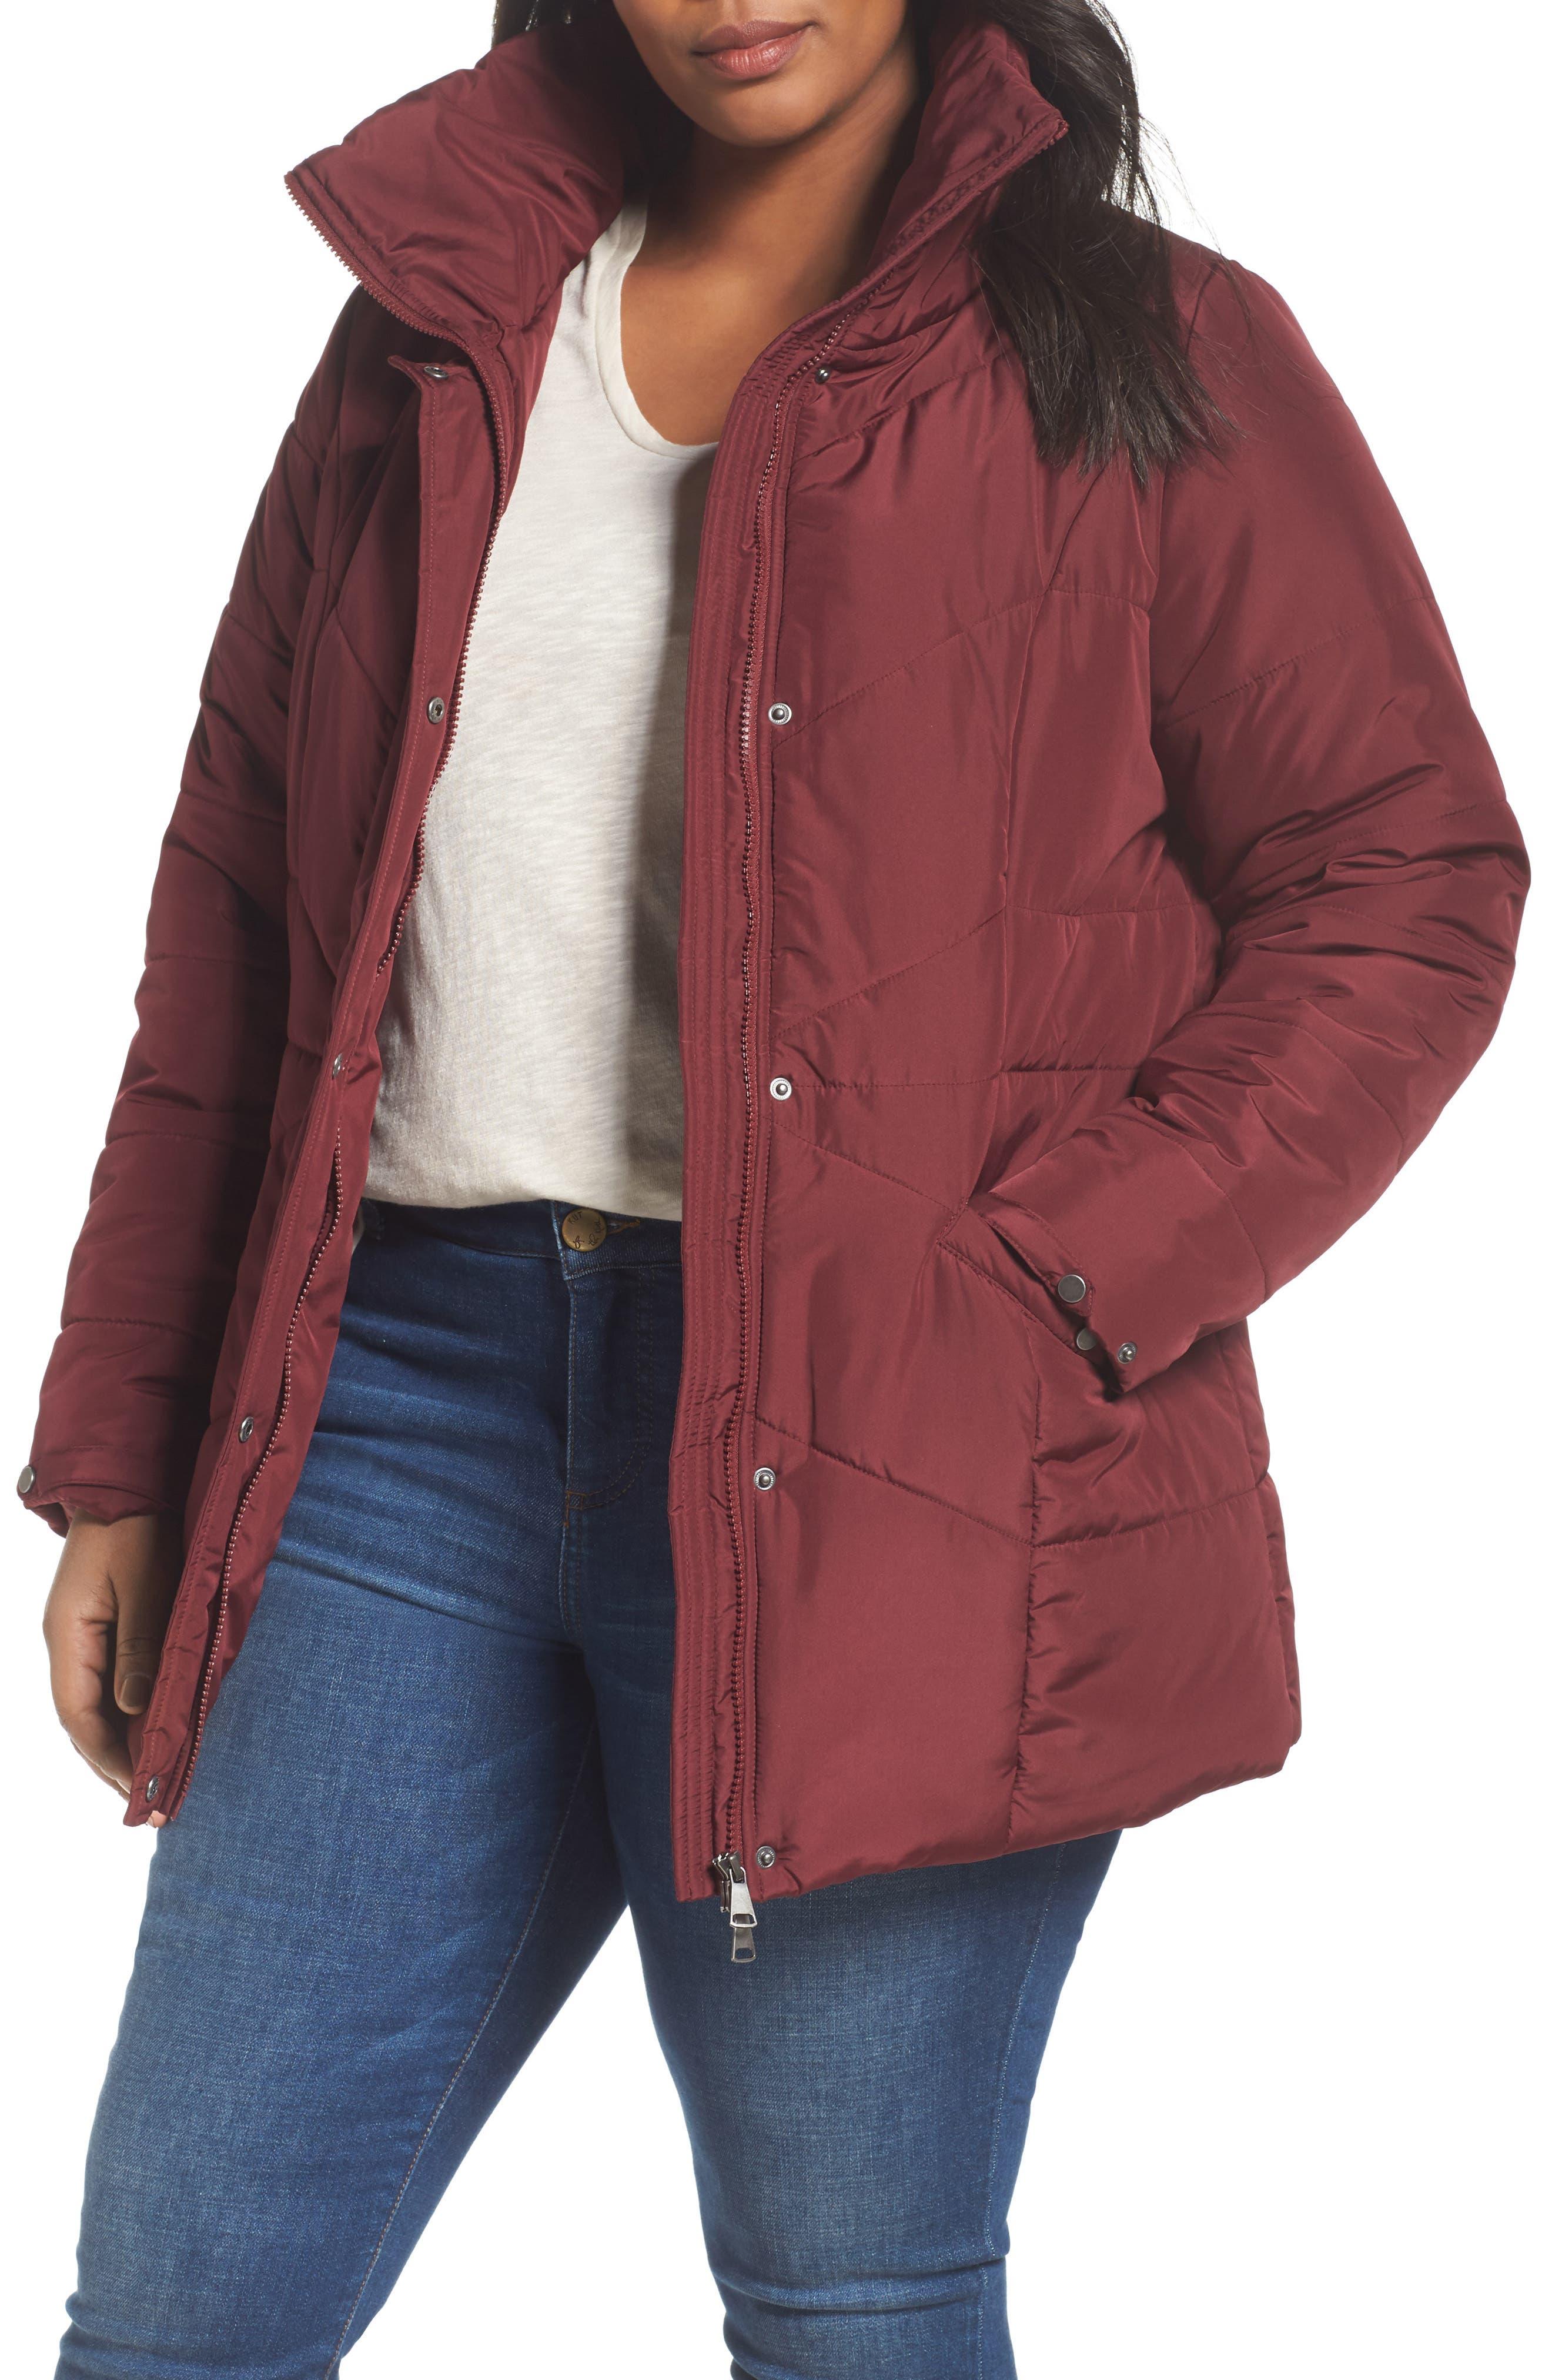 Valsi Puffer Jacket,                             Main thumbnail 1, color,